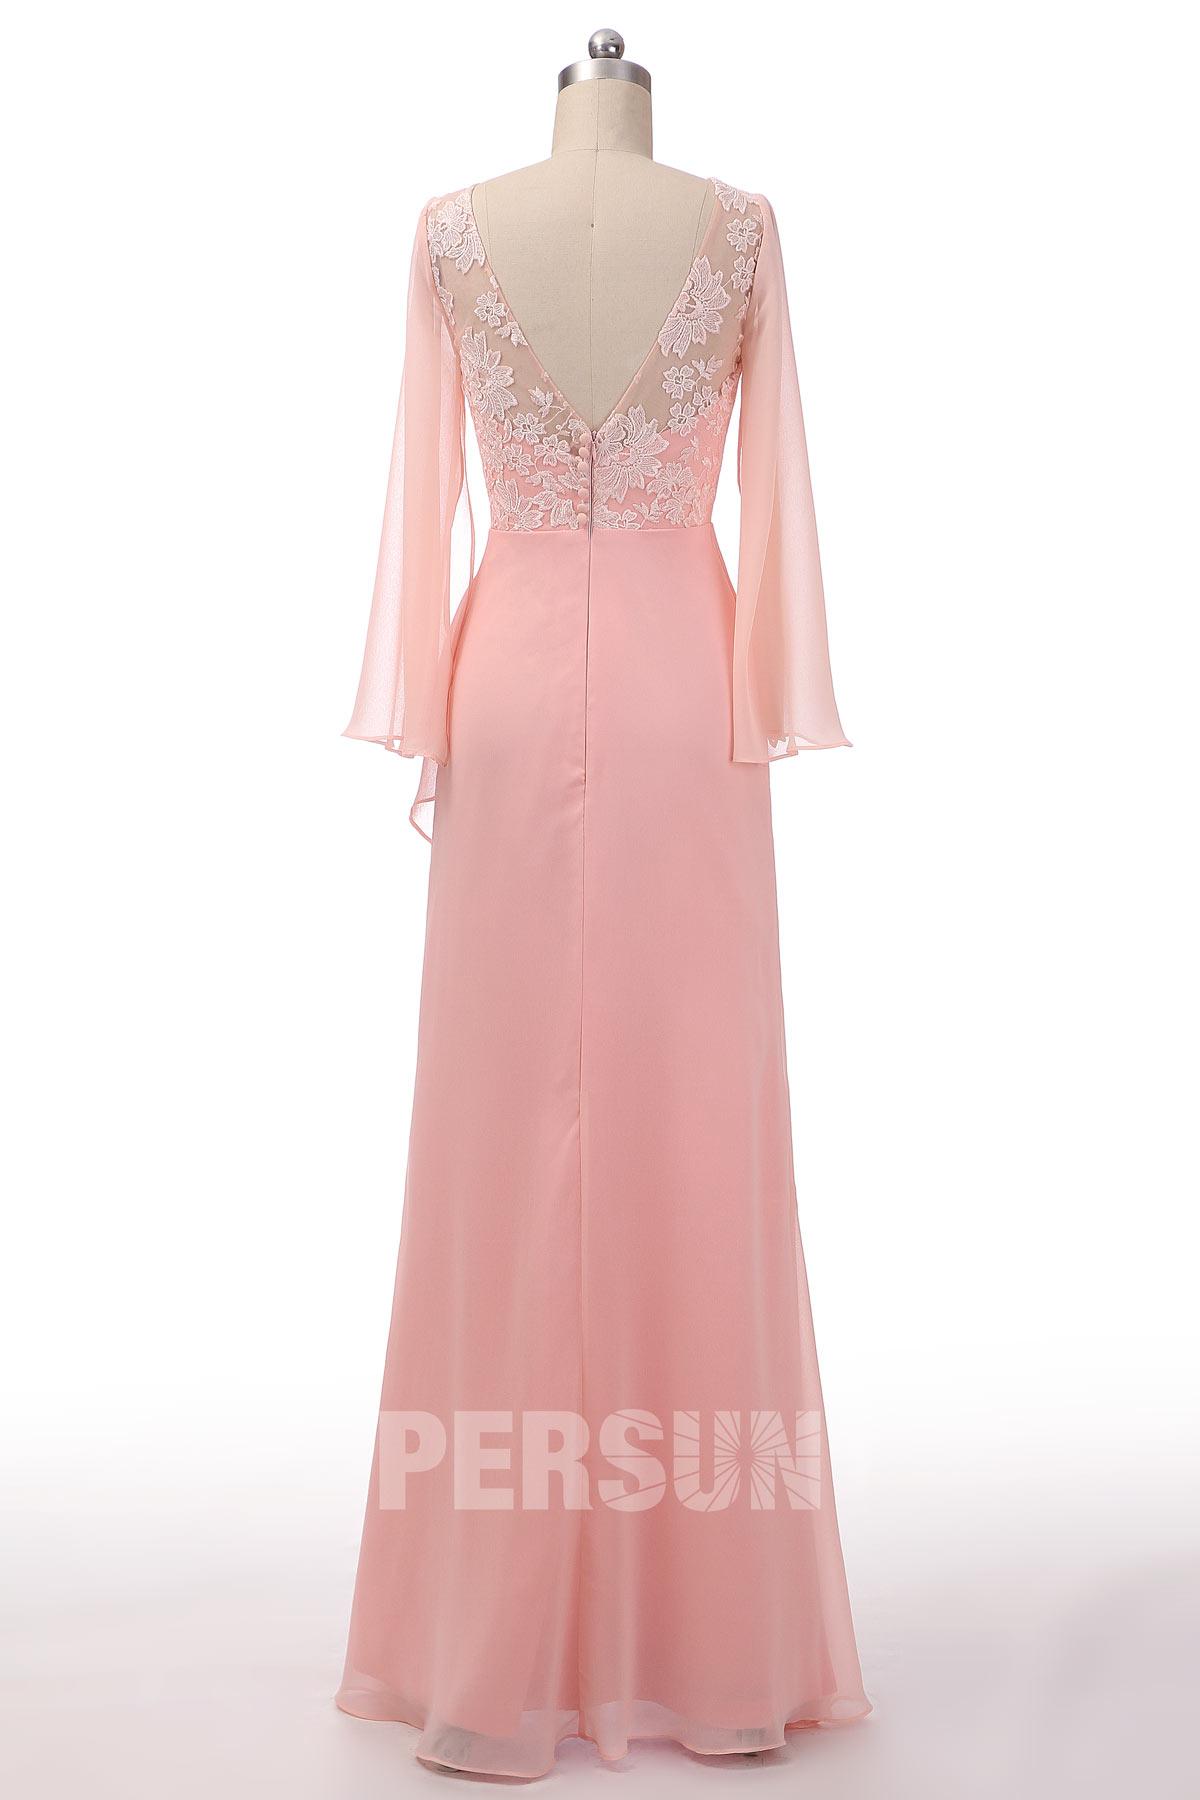 Robe longue rose perle boho haut en dentelle appliquée avec manche longue